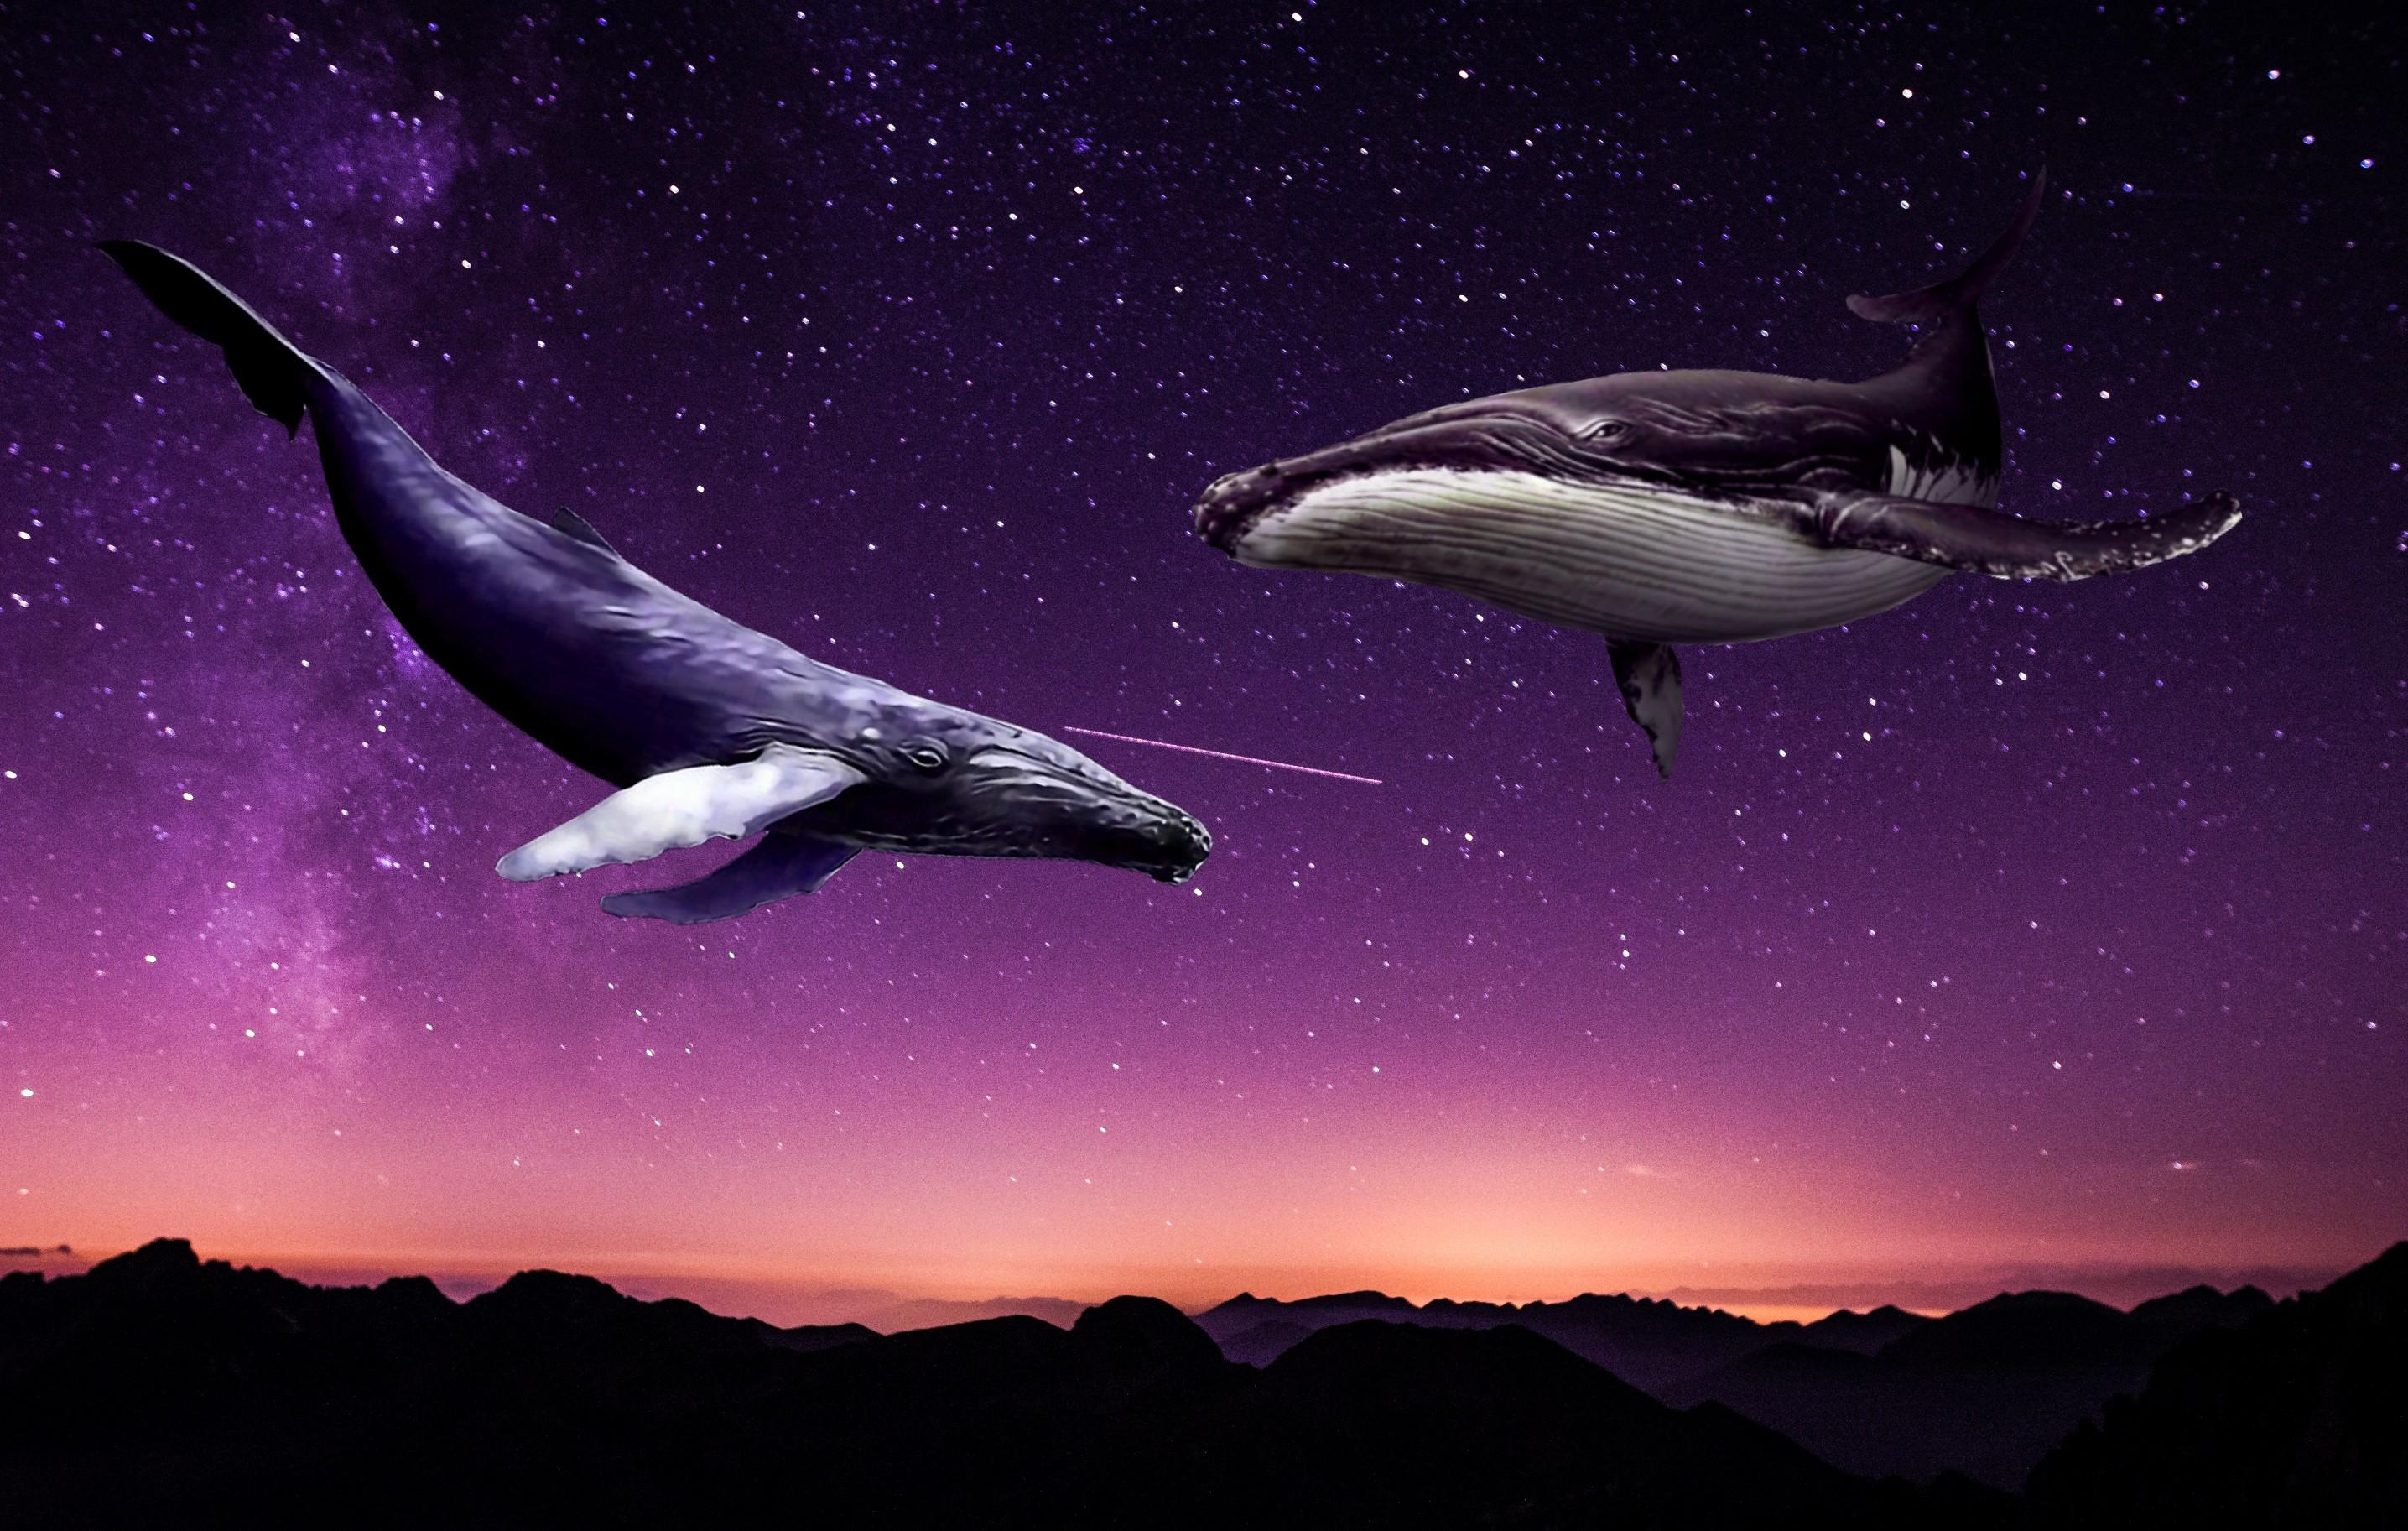 Широкоформатные картинки звездное небо первые